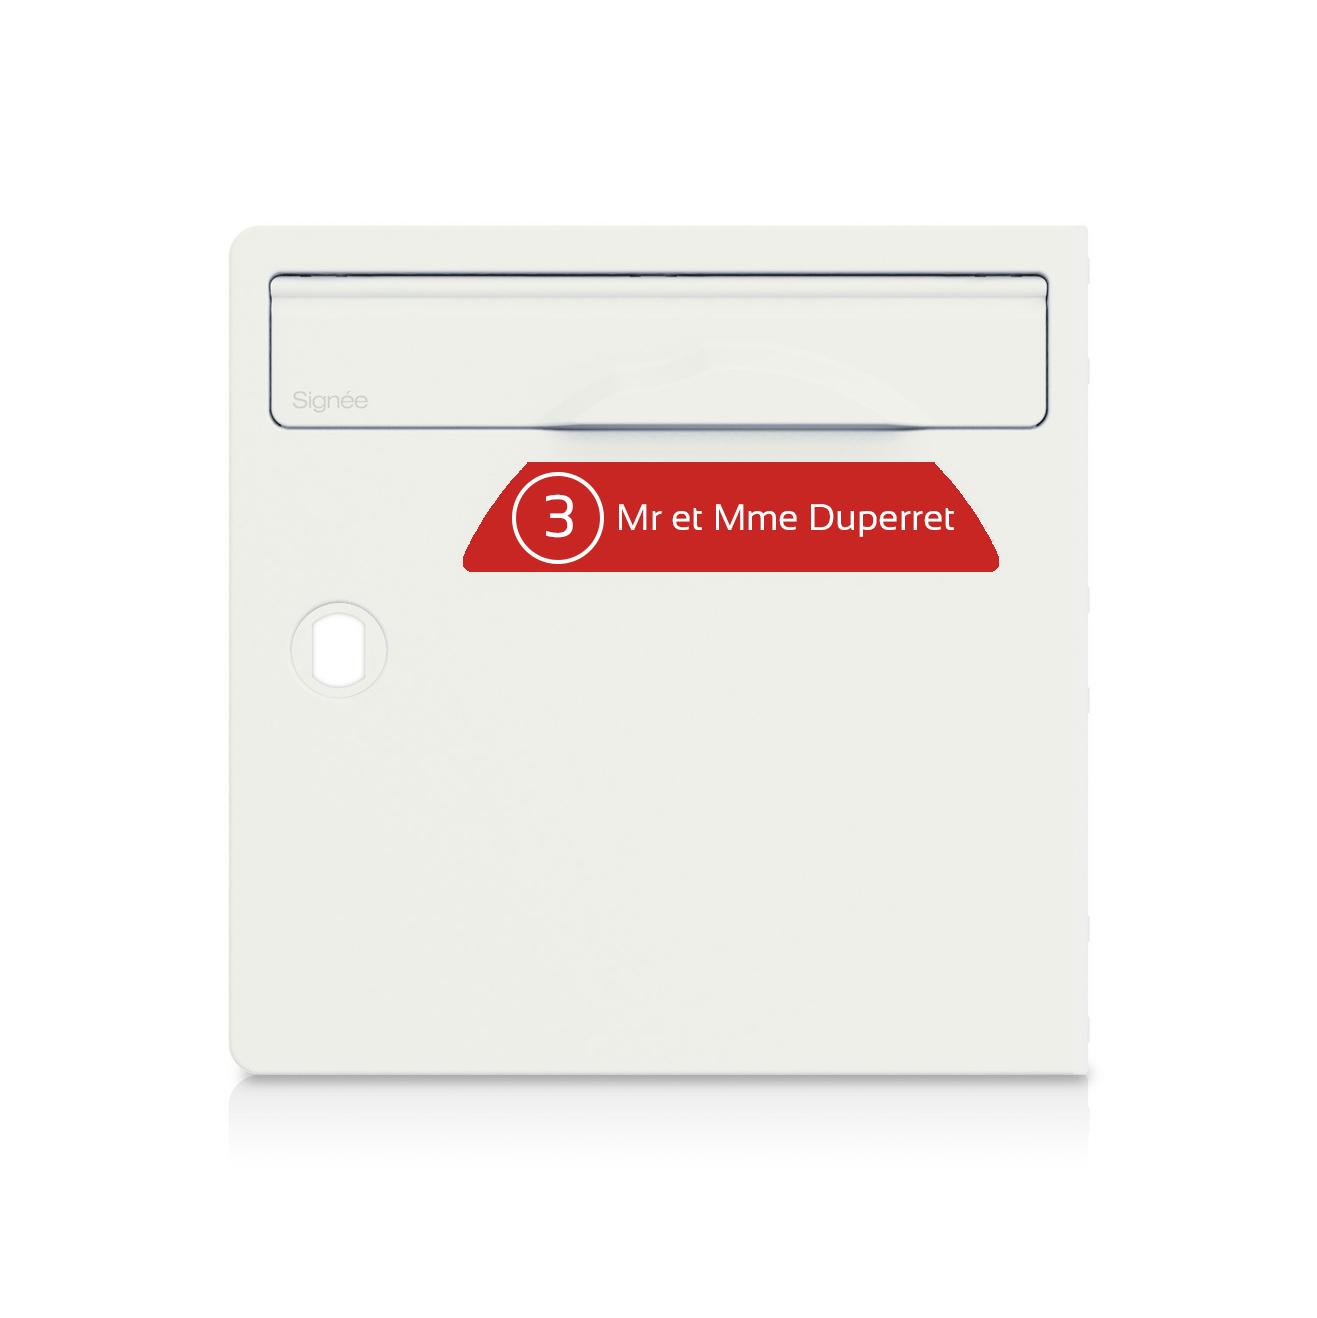 Plaque boite aux lettres Signée NUMERO rouge lettres blanches - 1 ligne